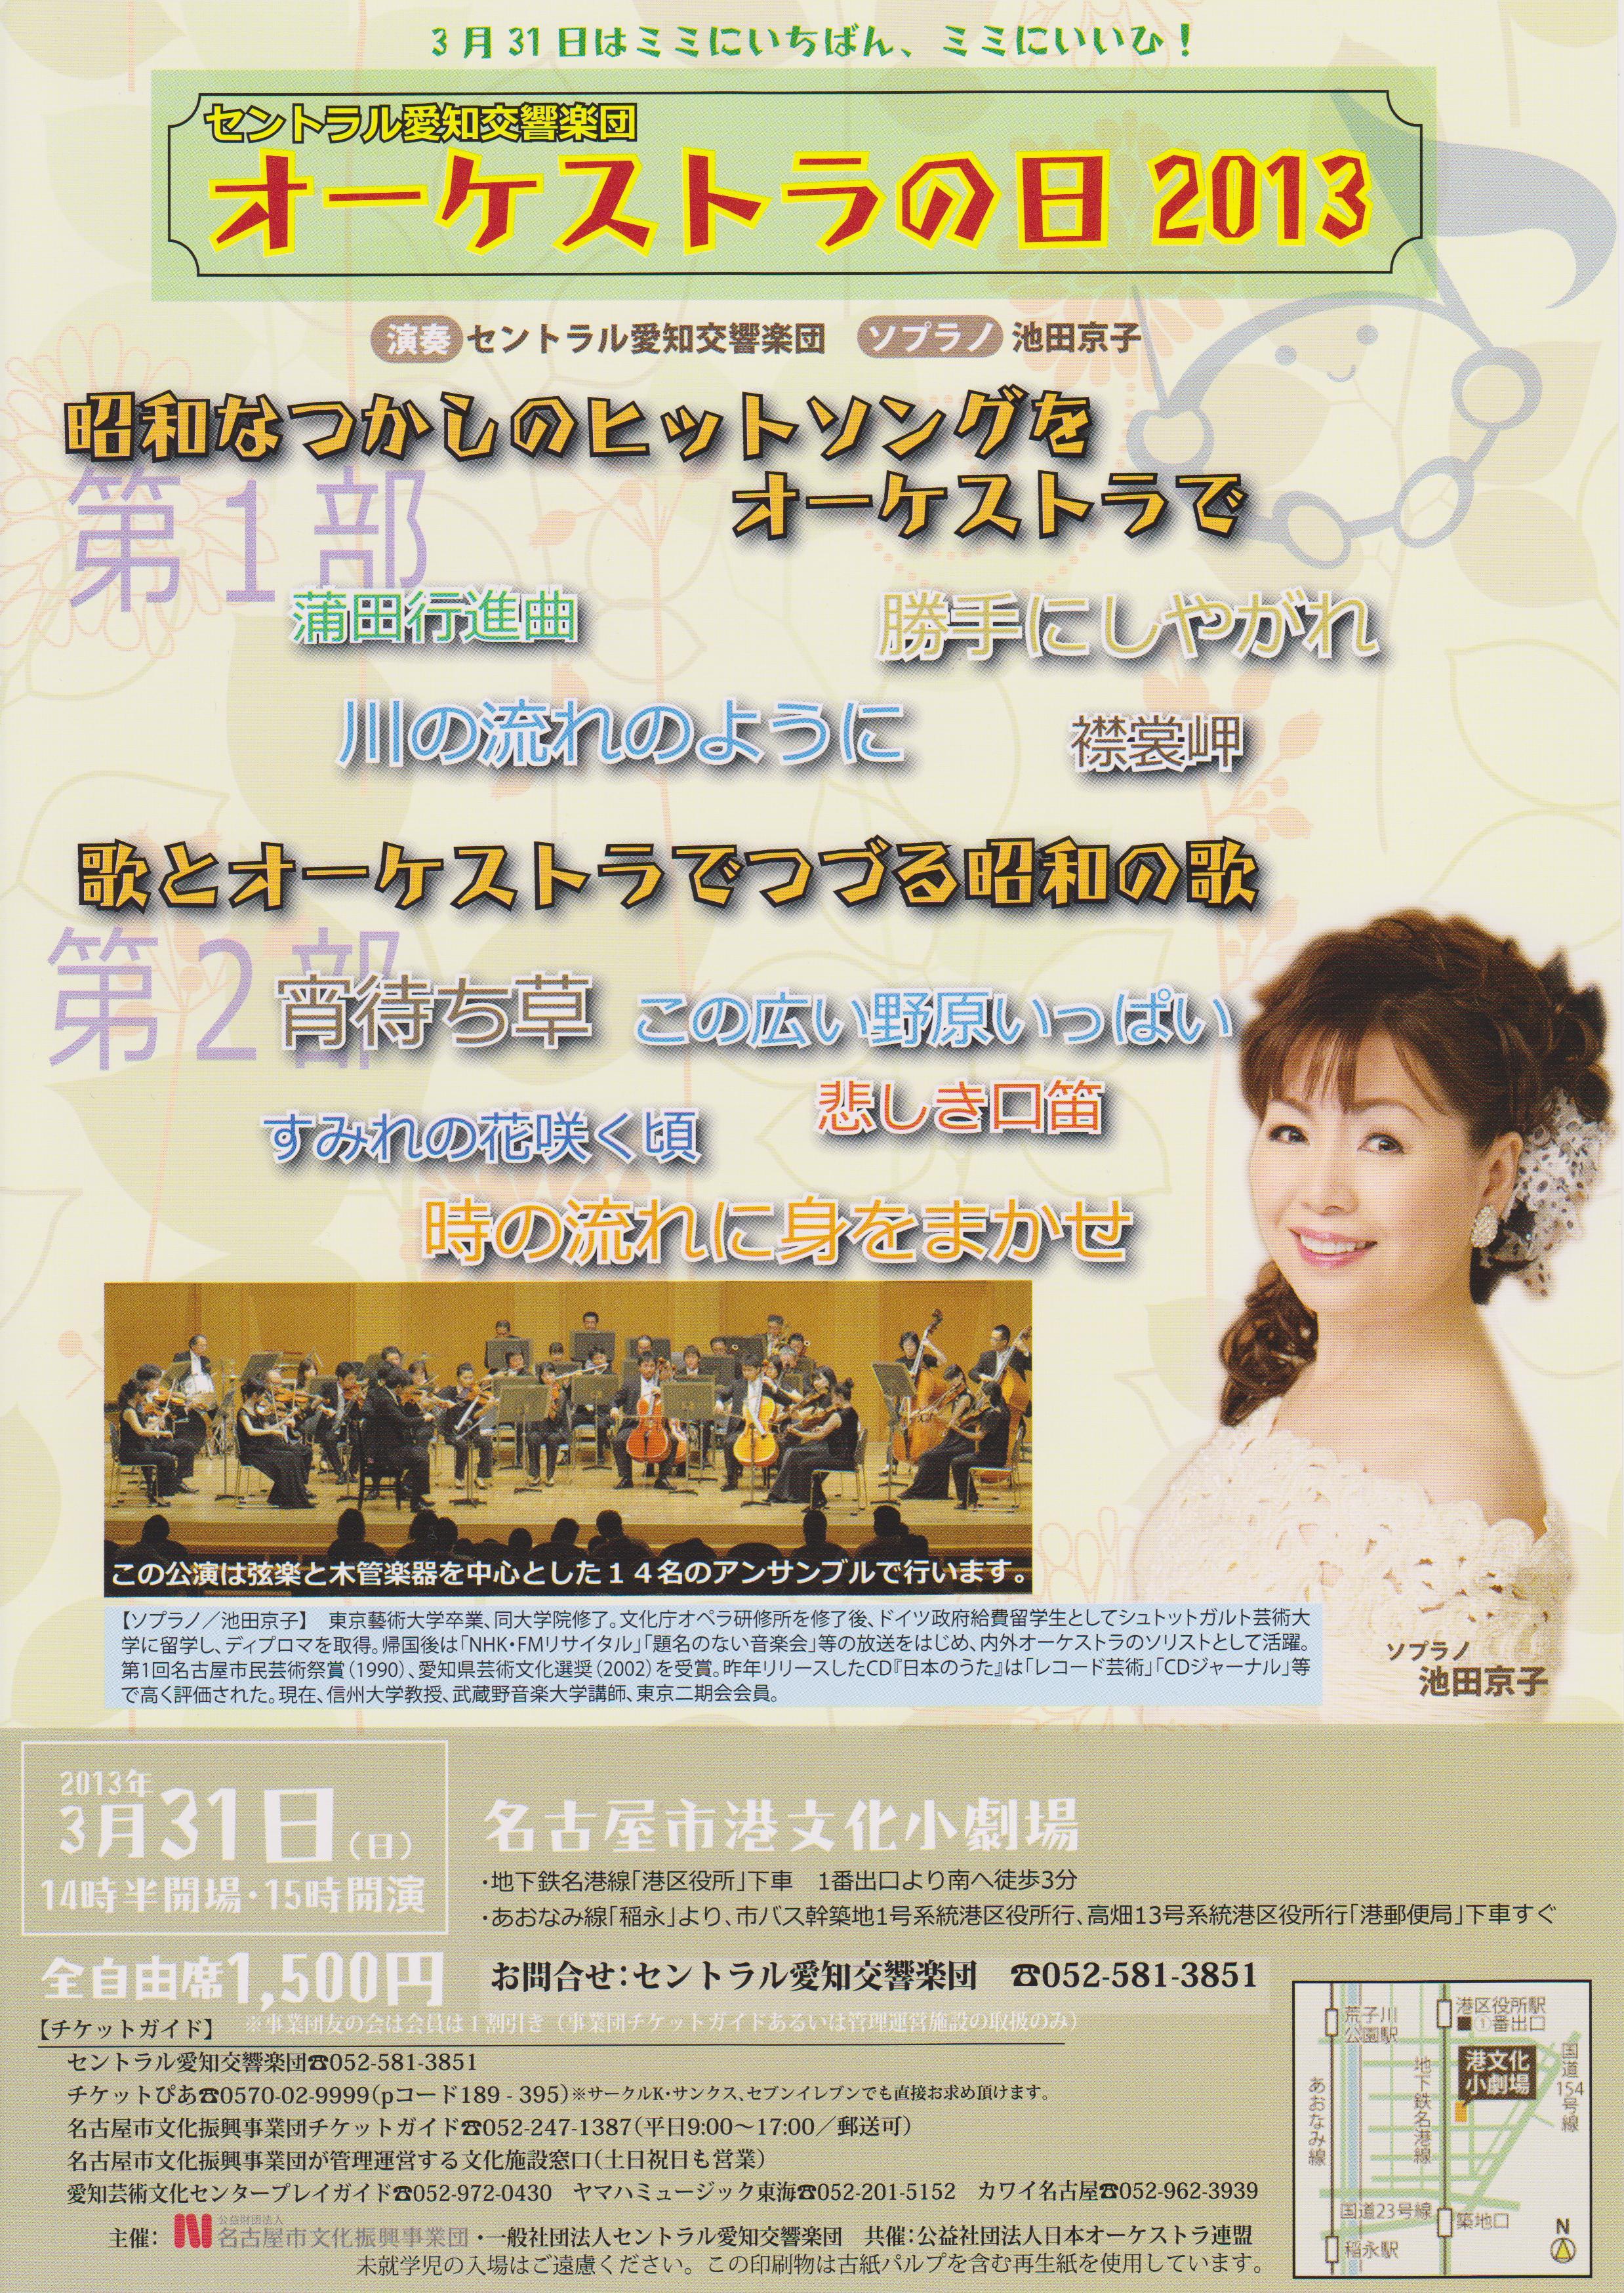 オーケストラの日2013-歌とオーケストラでつづる昭和の歌-